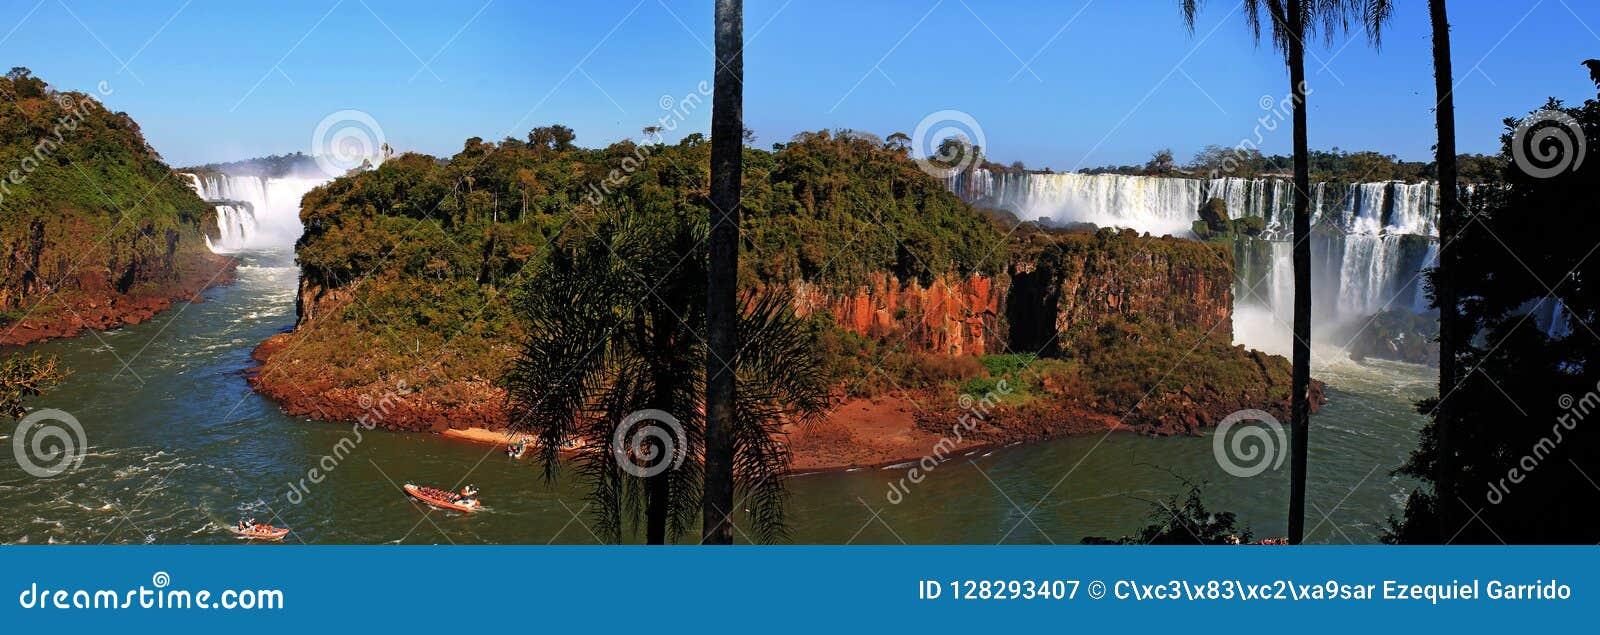 Isla San Martin Iguazu Falls Argentina Stock Image Image Of